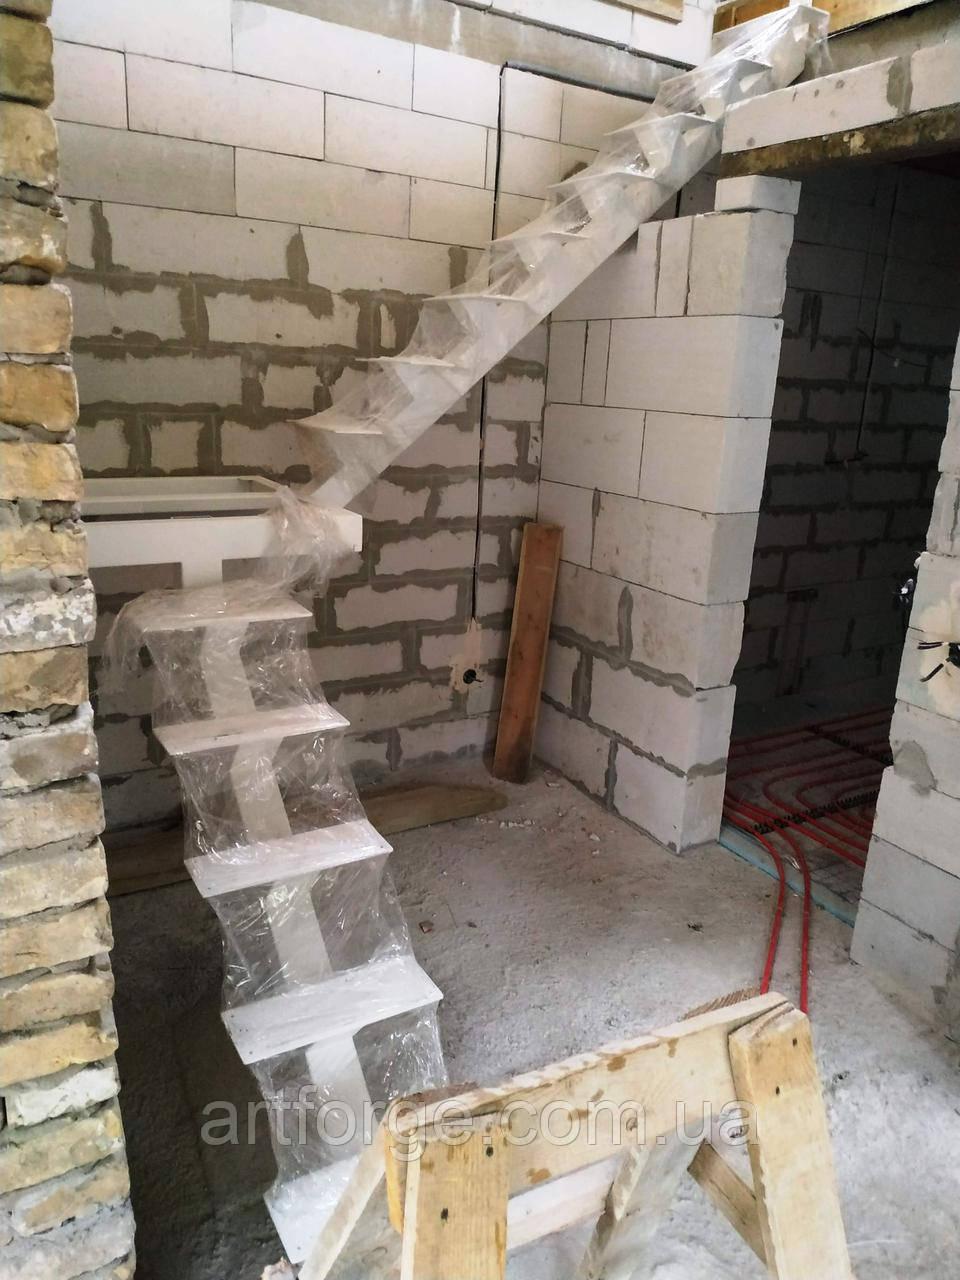 Металевий каркас сходів на центральній несучій. Монокосоур